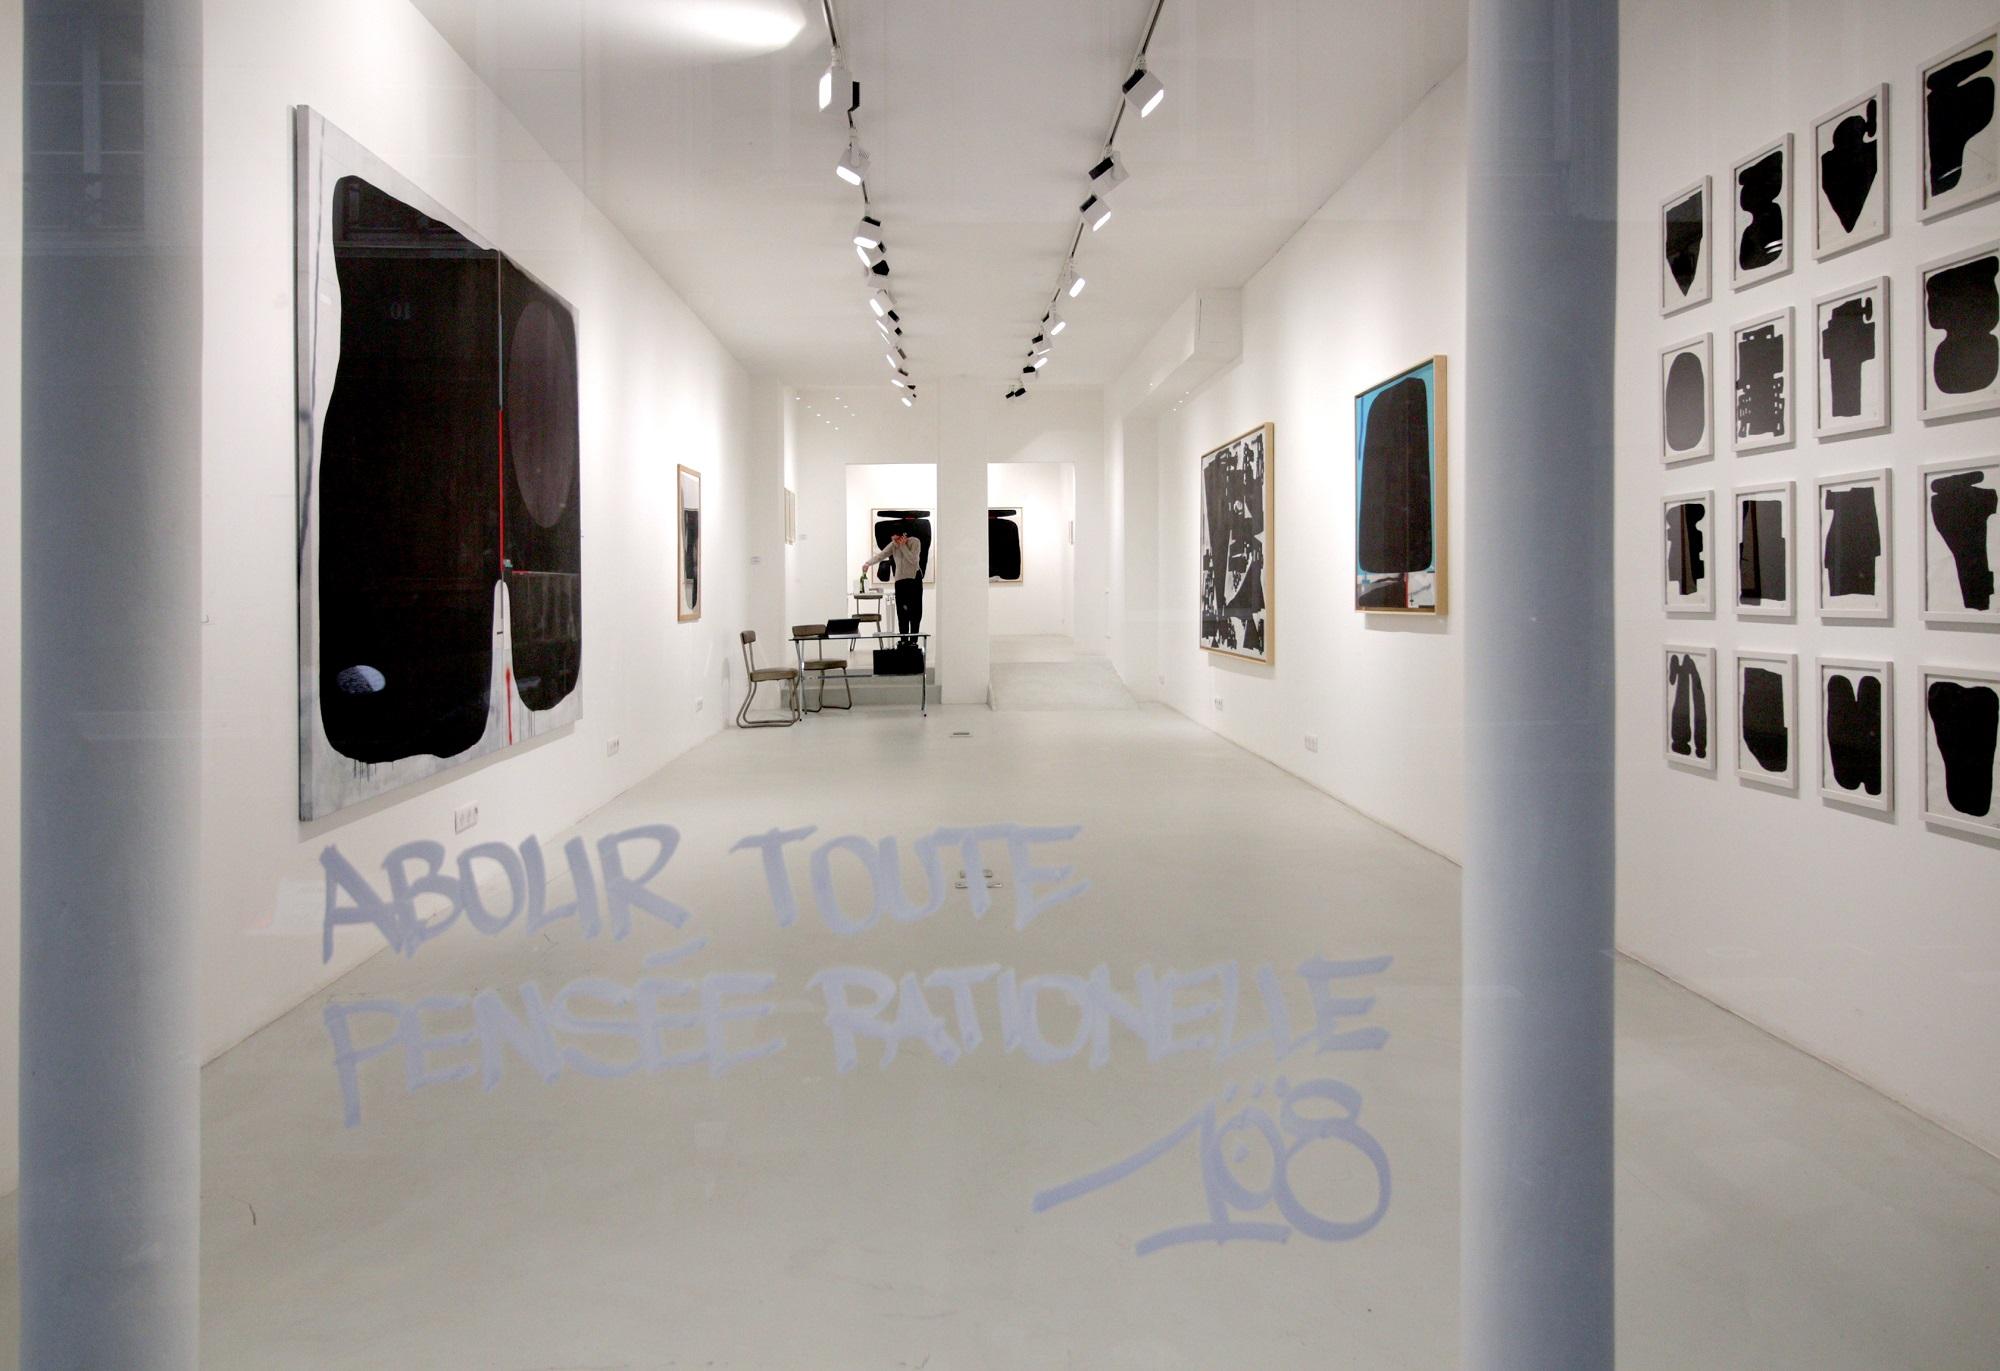 108 Abolir toute pensée rationnelle Galerie Celal